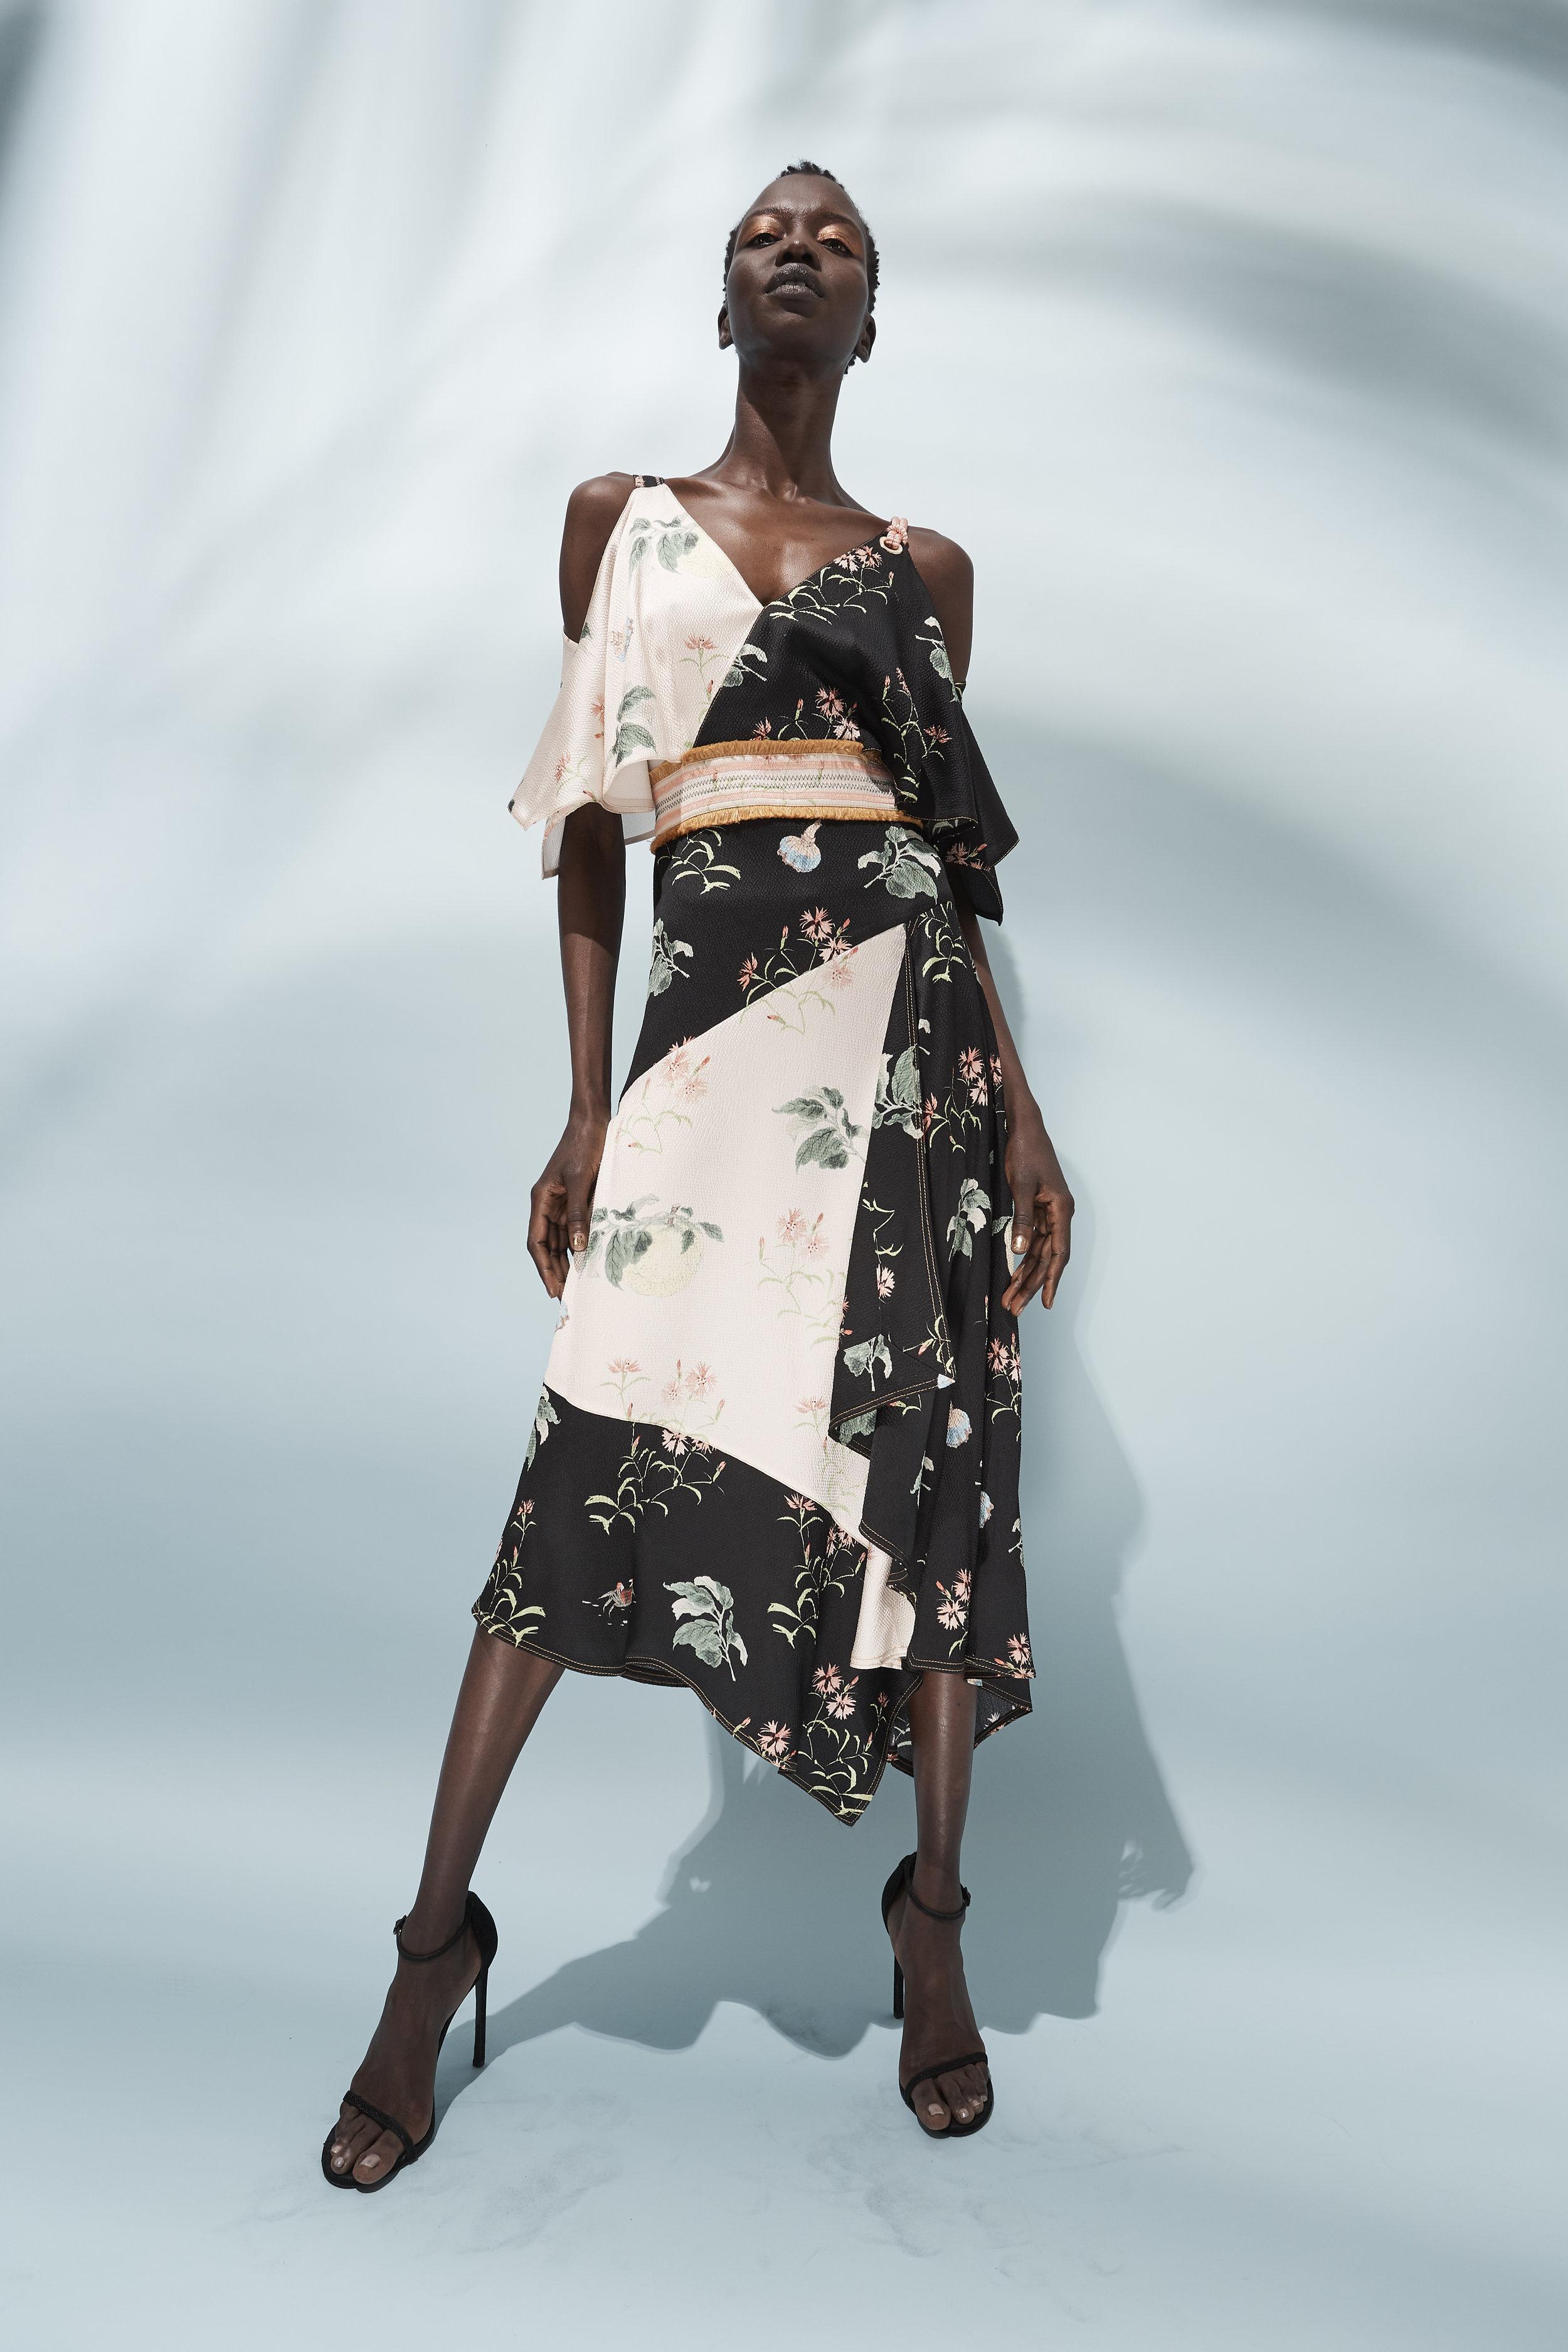 042018_SAKS_F_SUMMERESSENTIALS_Printed Dress_LOOK 1_091 1 copy.jpg